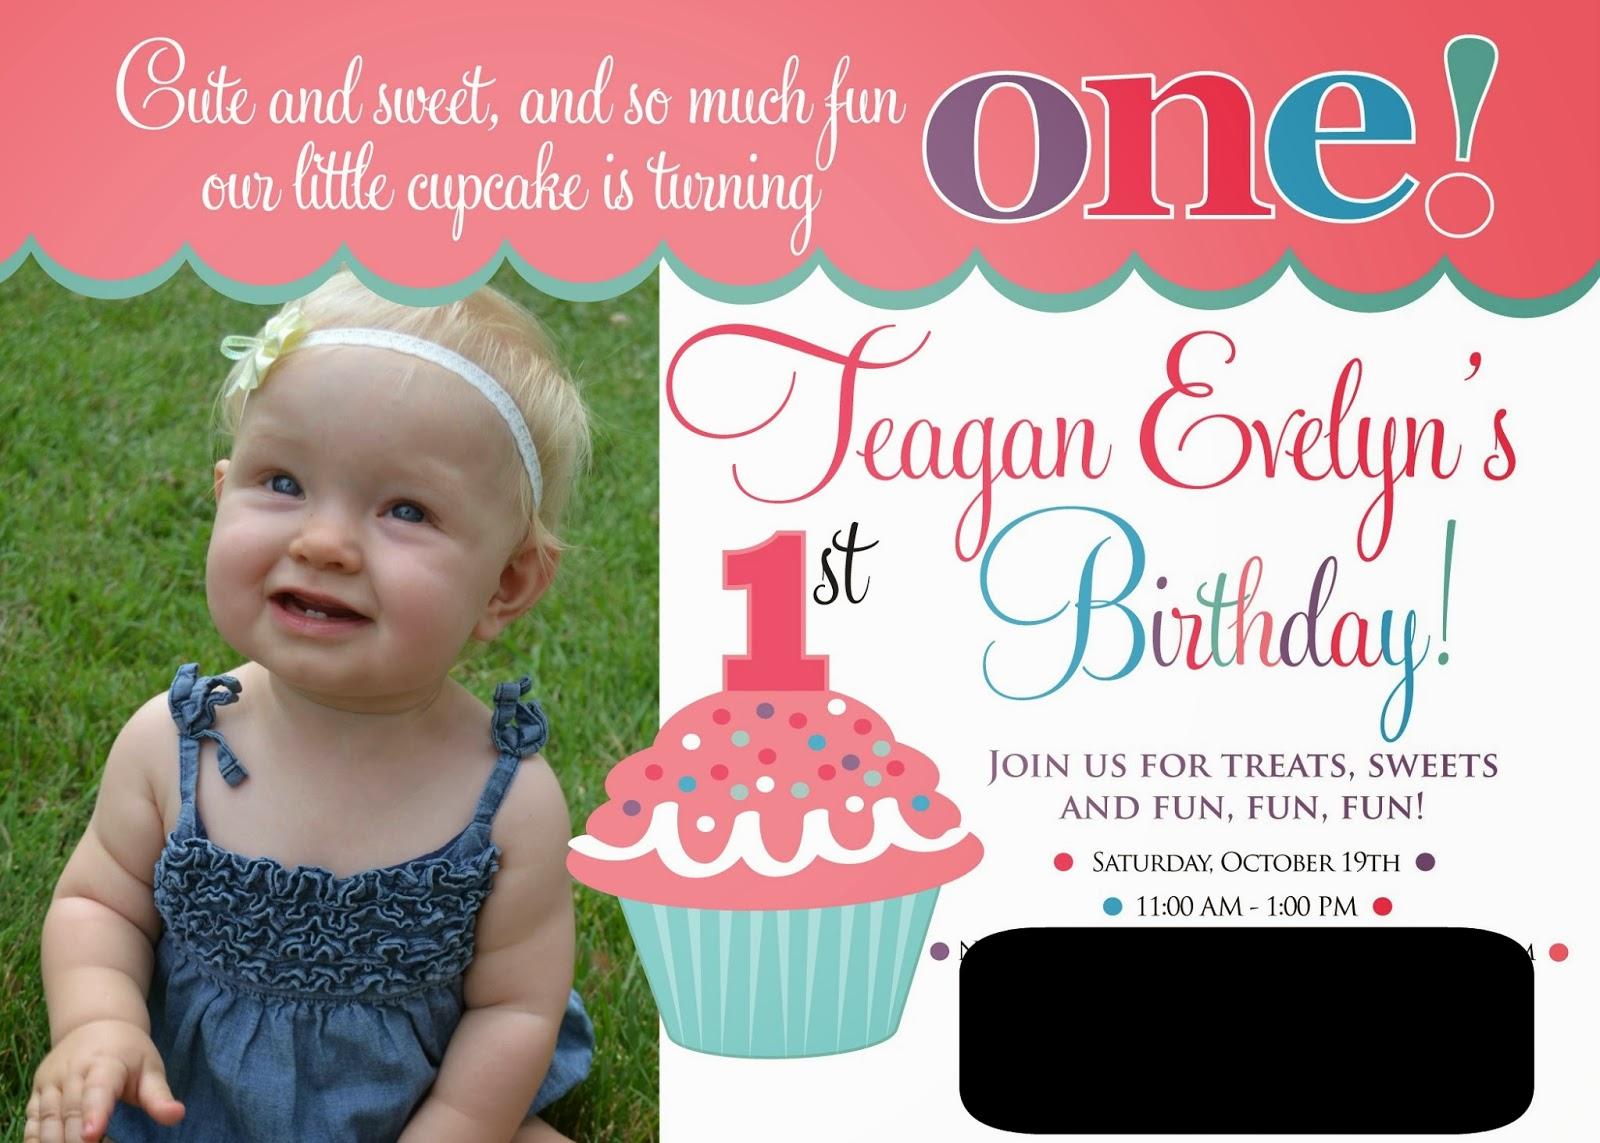 Killer 1st Birthday Party Invitations Boy Birthday Party Dresses